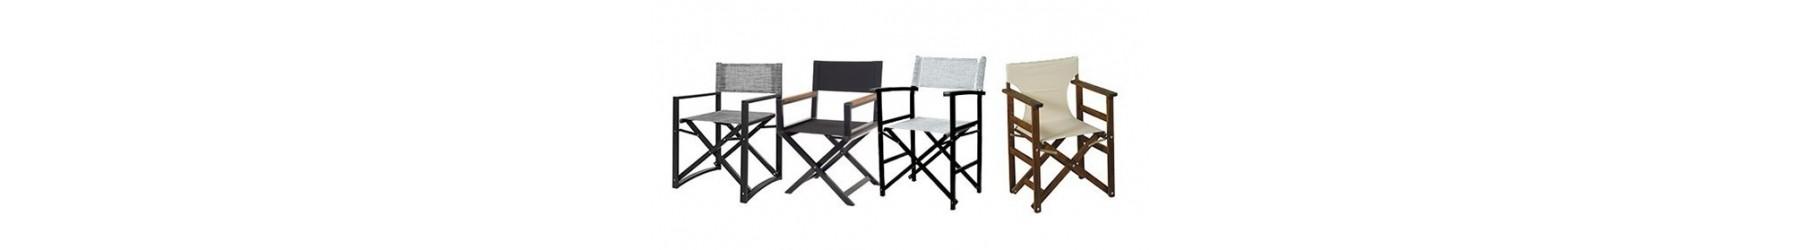 Πολυθρόνες καρέκλες σκηνοθέτη